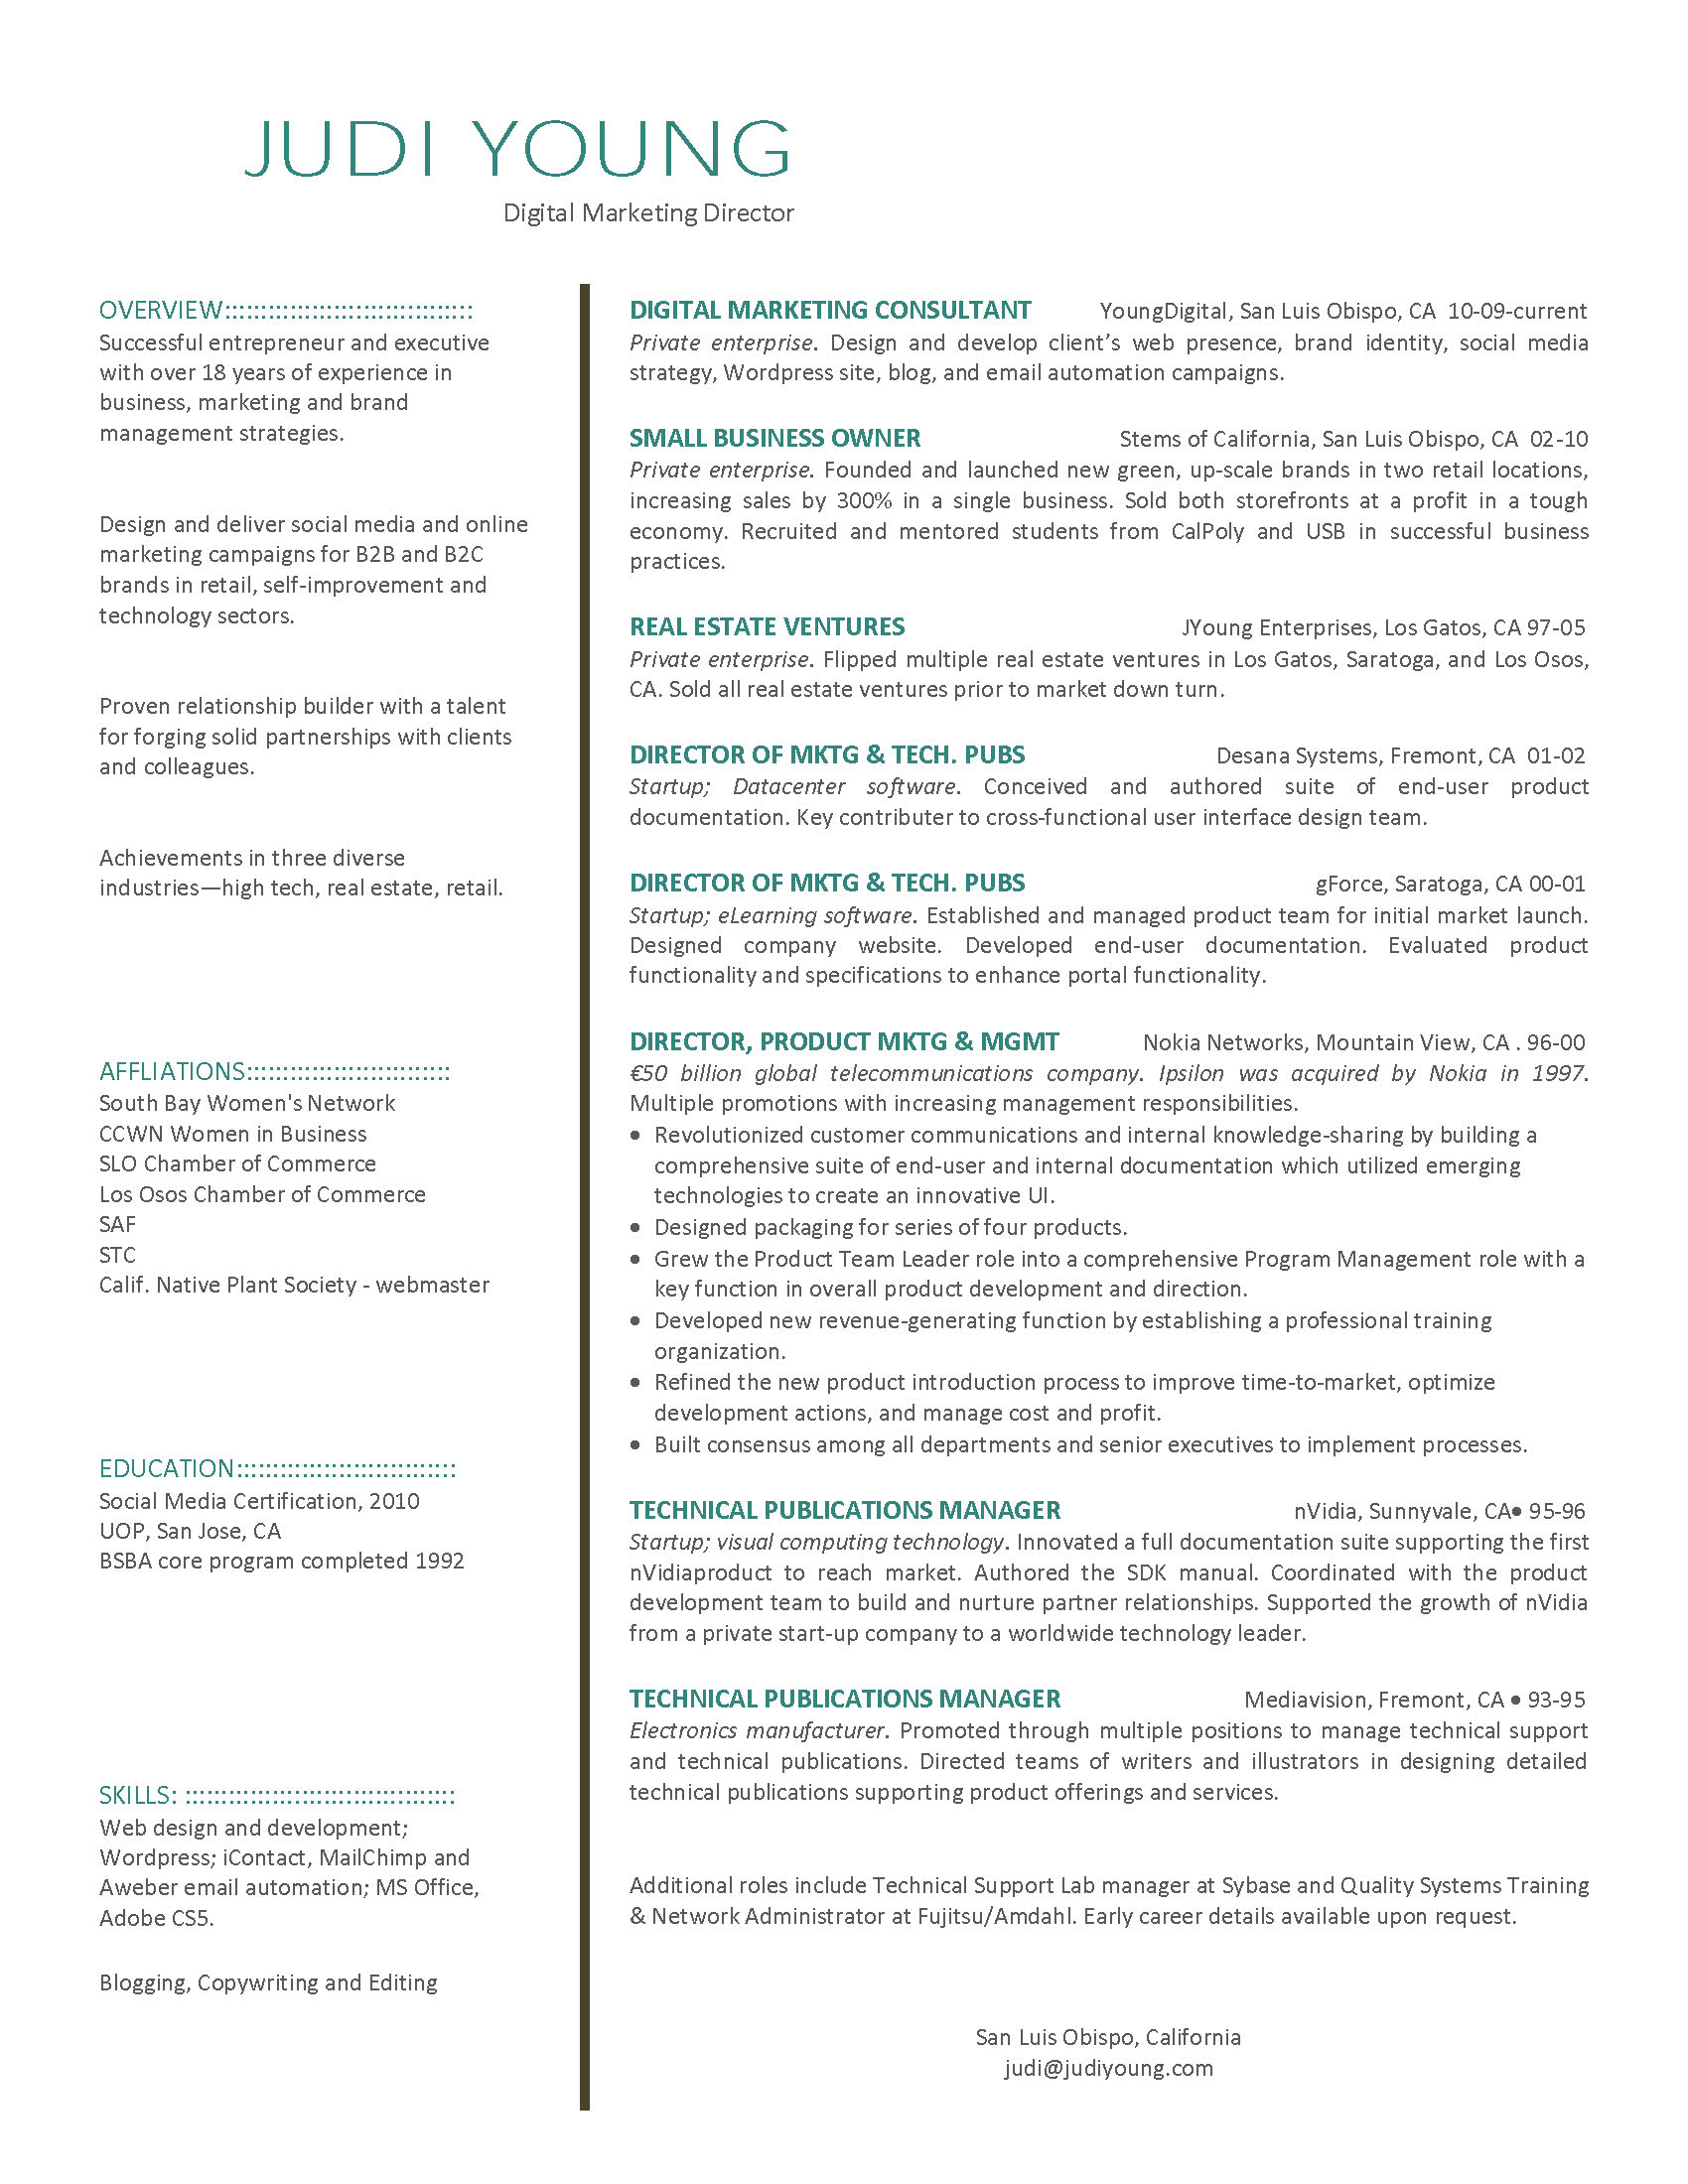 Enterprise risk management research paper